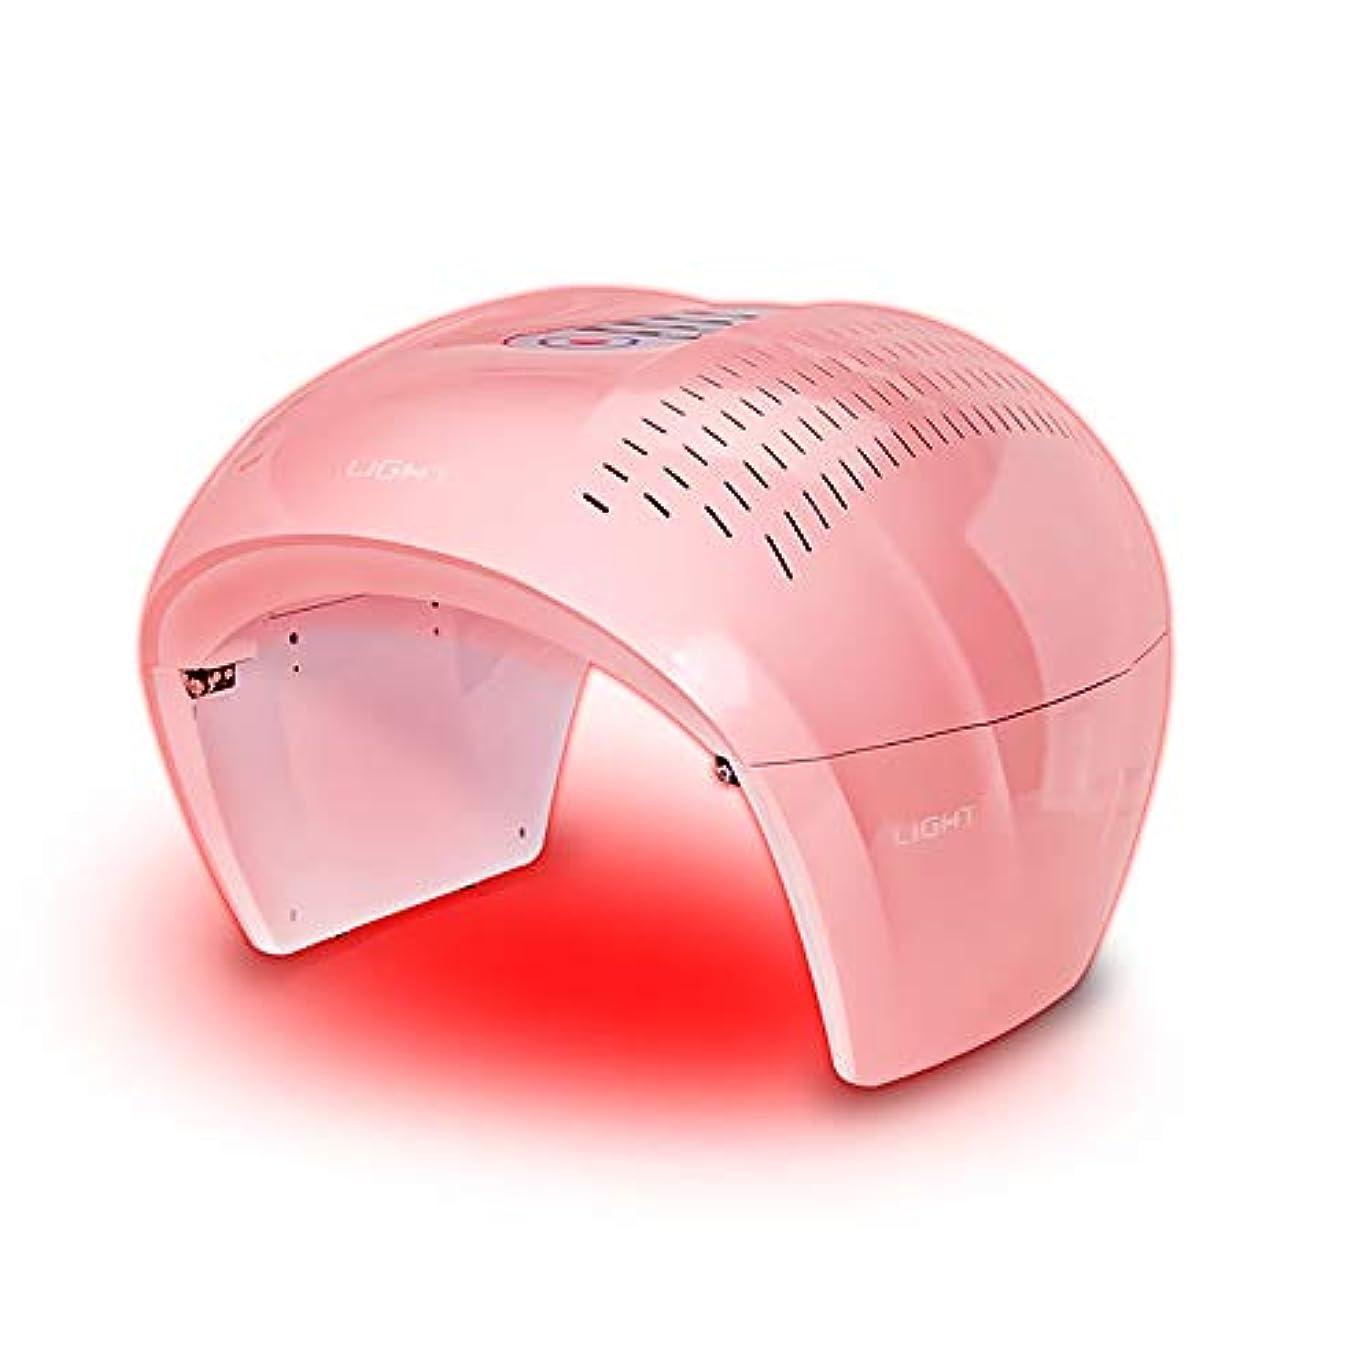 曲げる生物学任意フェイシャルスキンケアマスク、7色LEDマスクフォトンライトスキンリジュビネーションセラピーフェイシャルスキンケアマスク(ピンク)